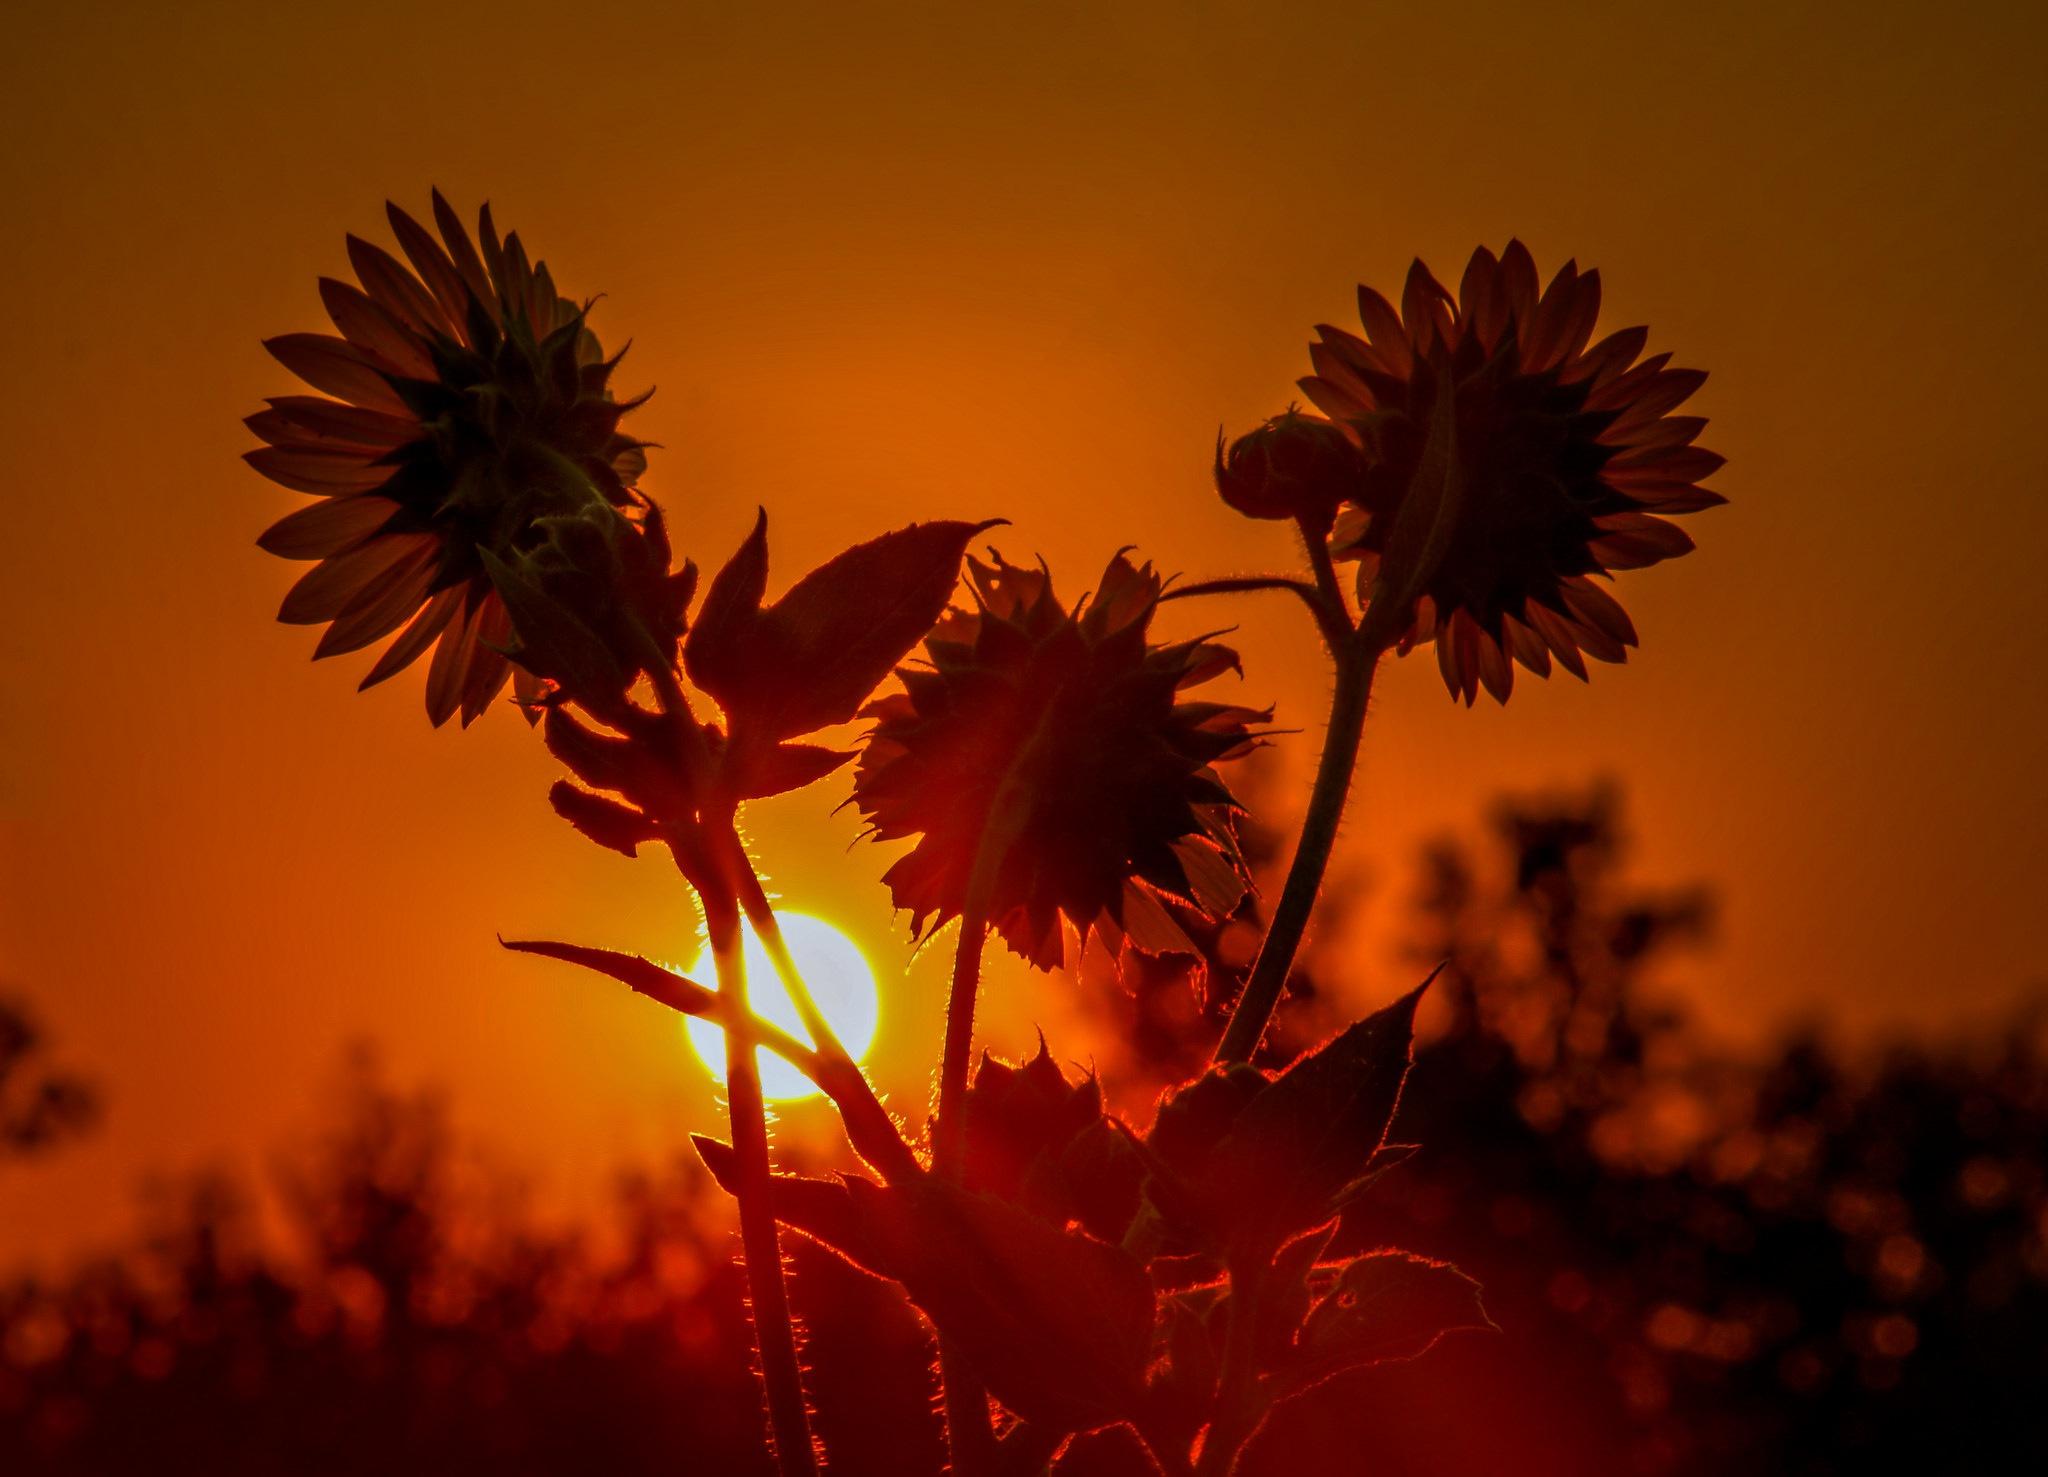 тебя любим, картинки цветы на фоне заката удачного